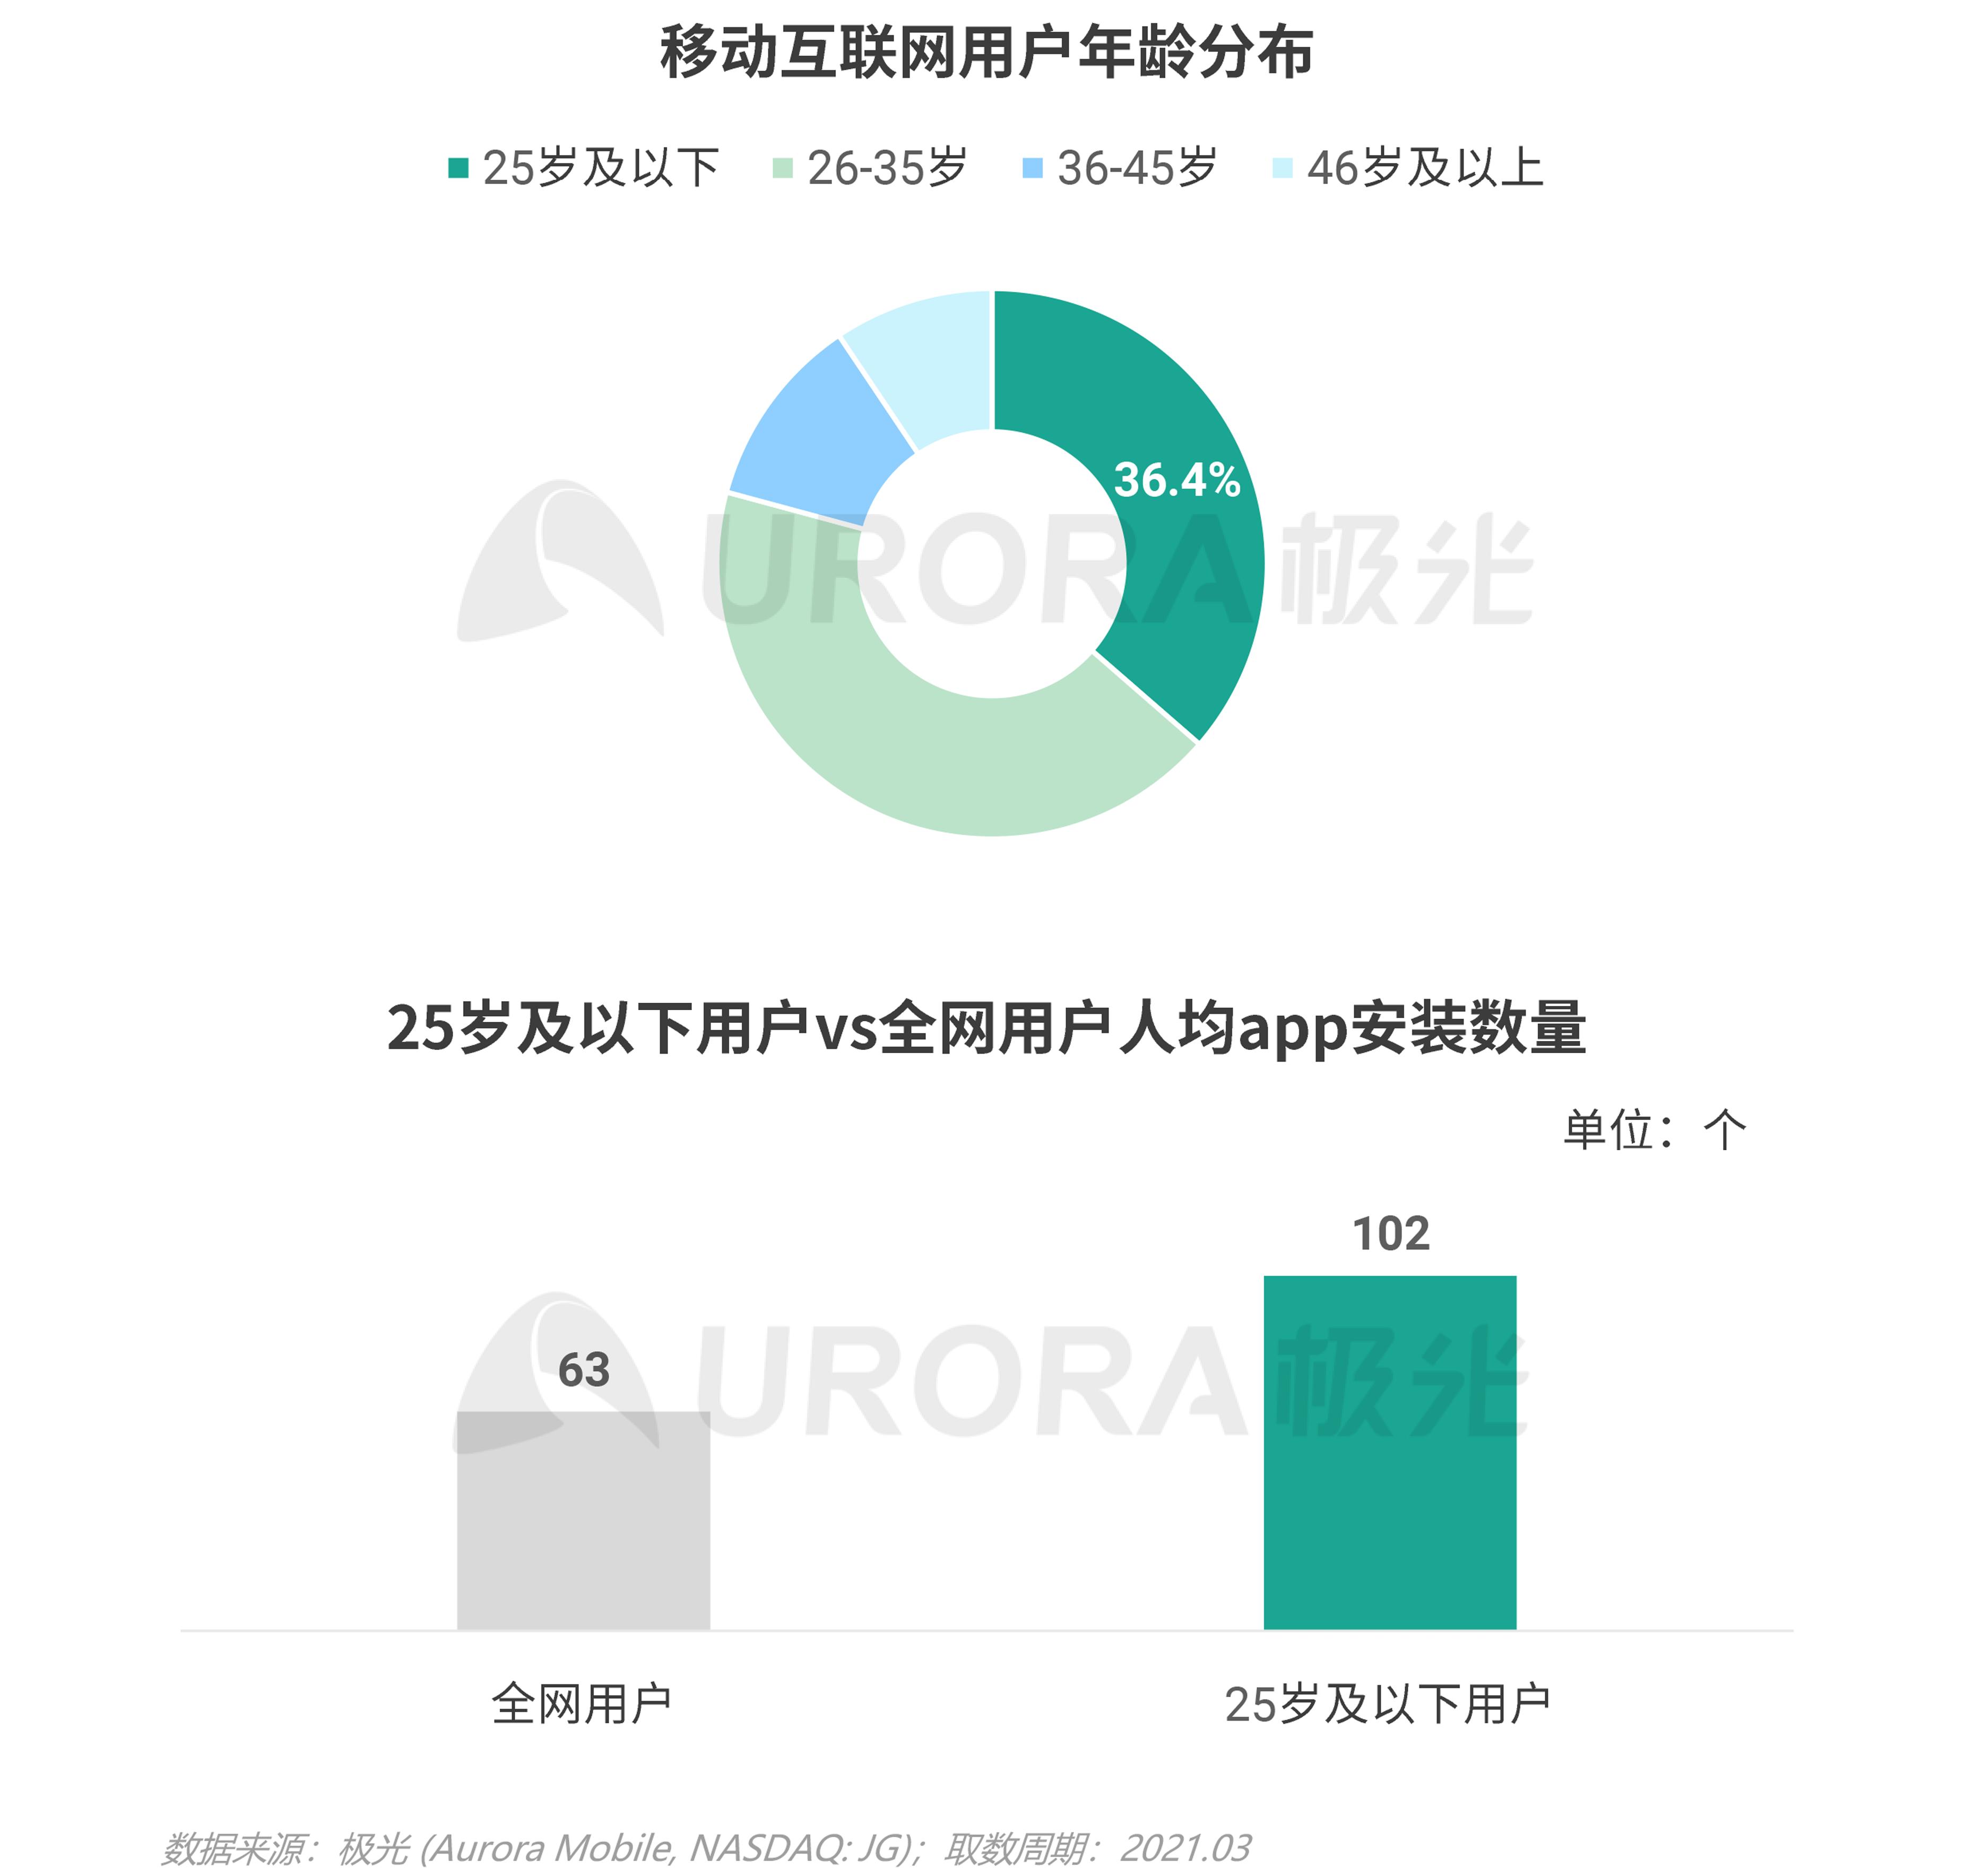 2021年轻人营销趋势研究报告【定稿】-34.png